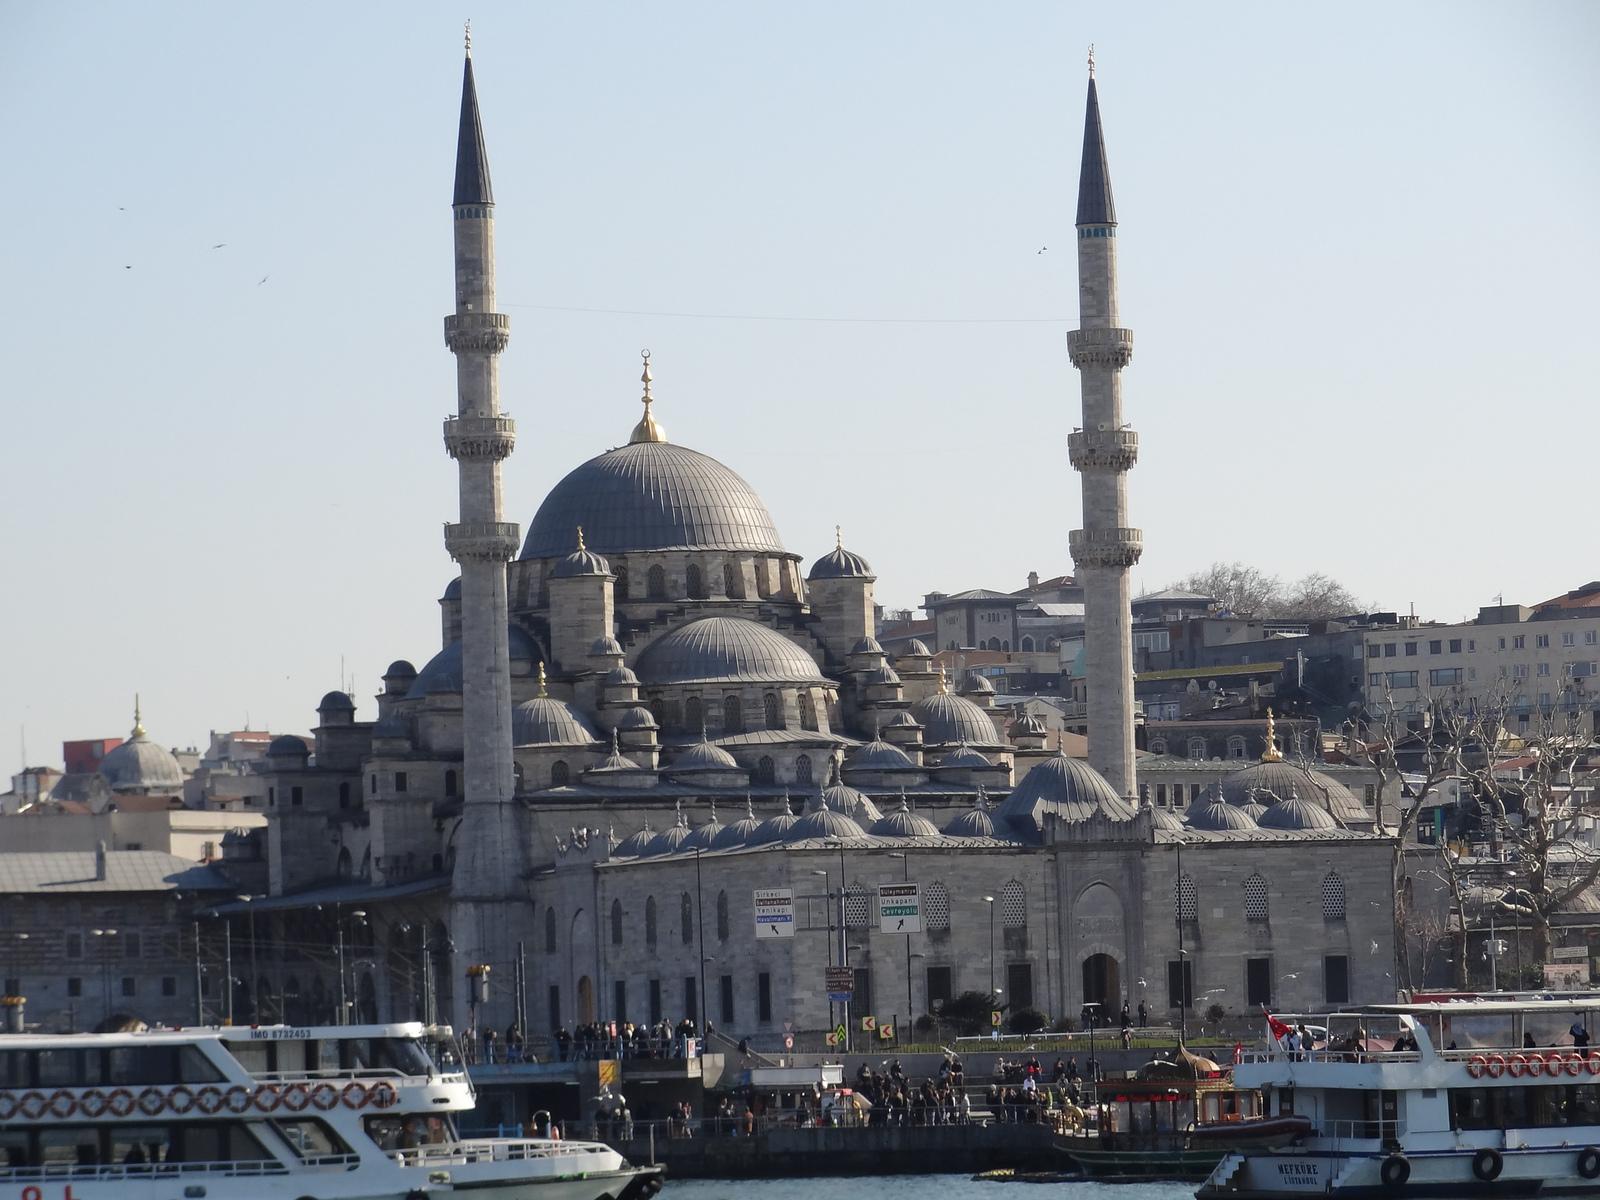 687689 المسافرون العرب أسماء بعض الدول وبعض الصور